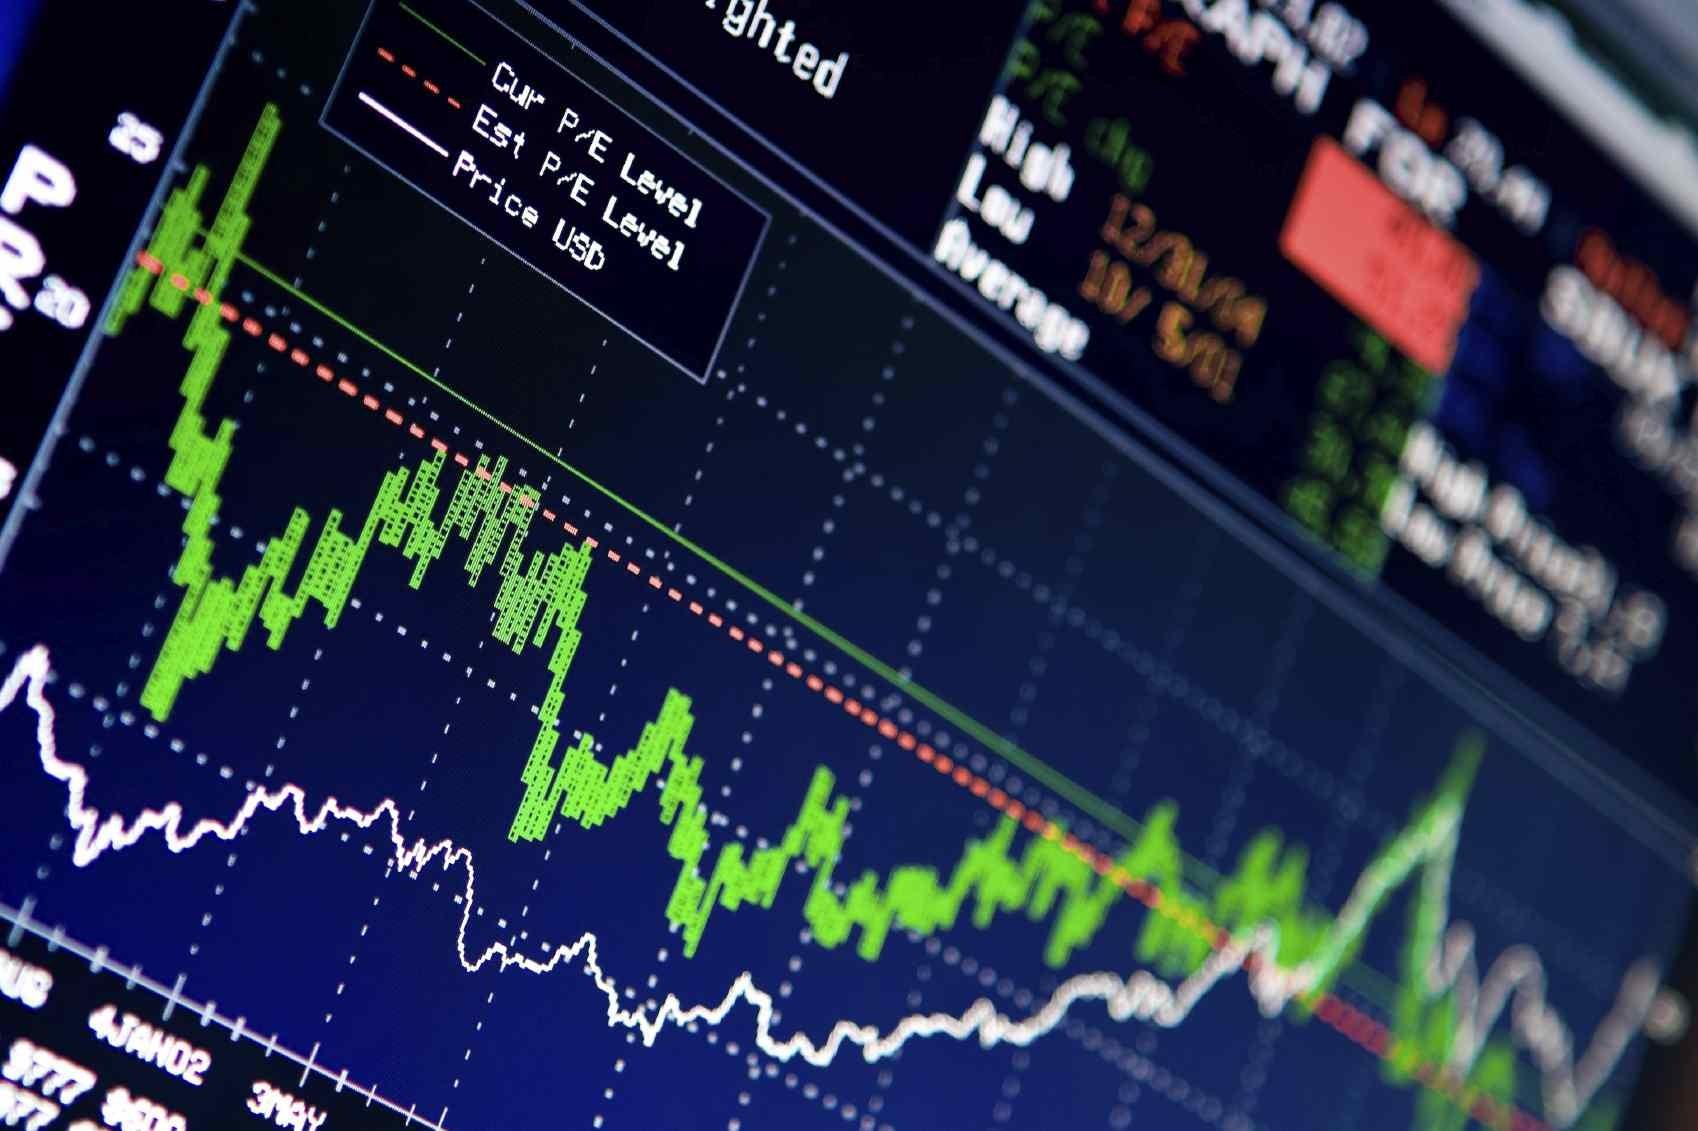 ВСША зафиксирован крупнейший обвал фондового рынка за119 лет